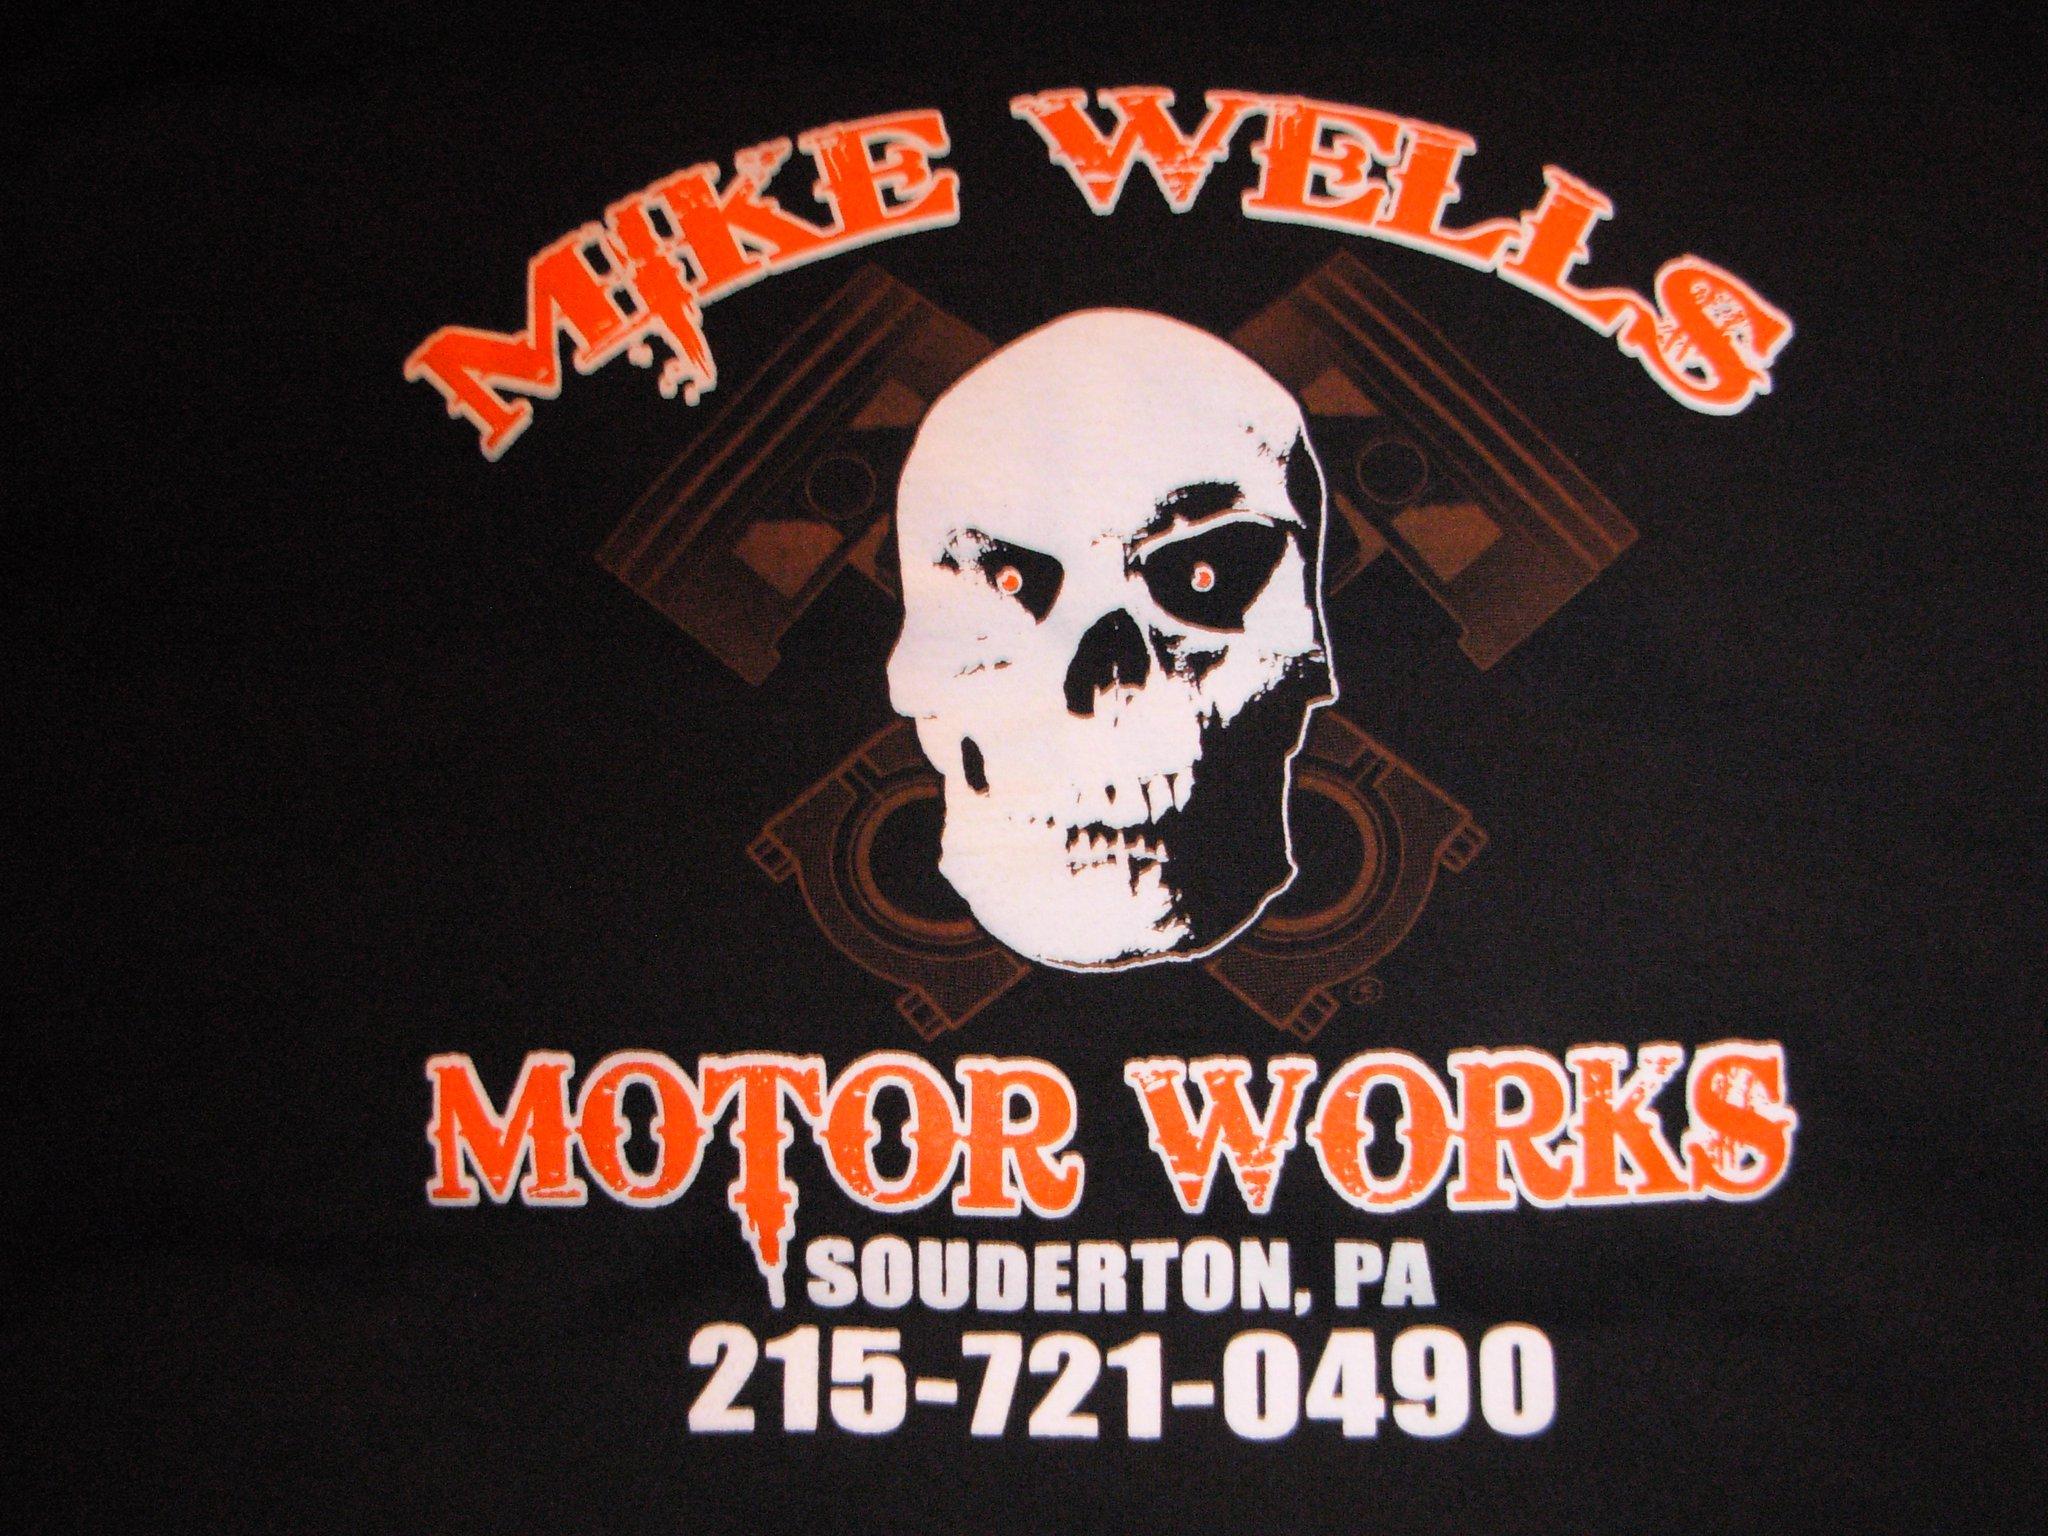 Mike Wells Motorworks